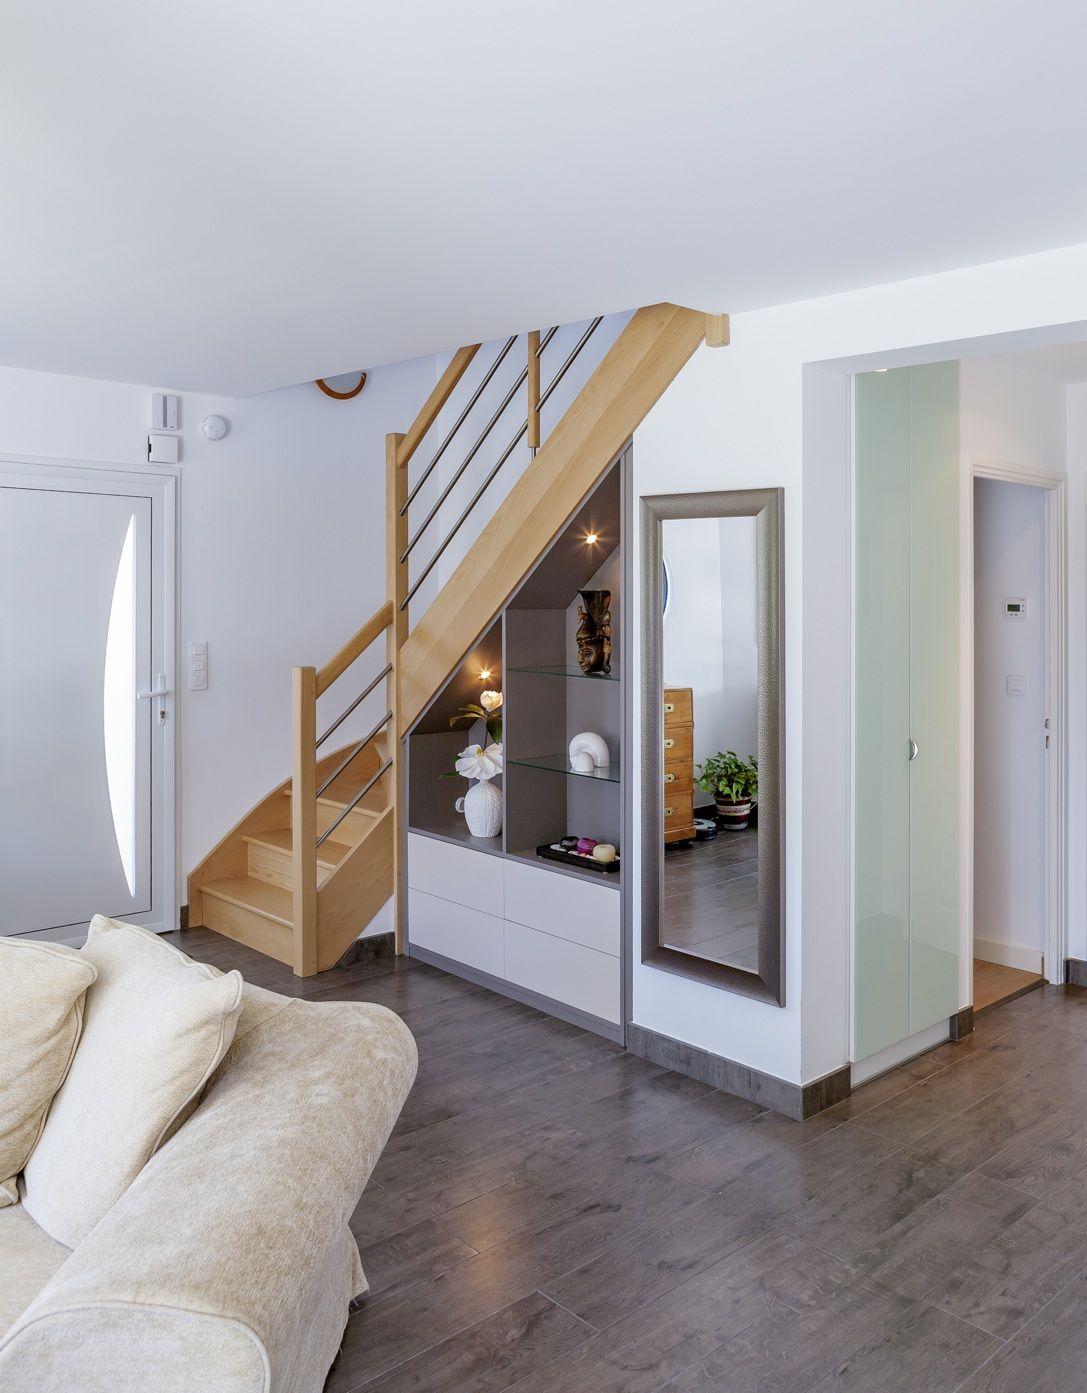 Pingl par pat menez sur escalier en 2019 sous escalier - Meuble en forme d escalier ...